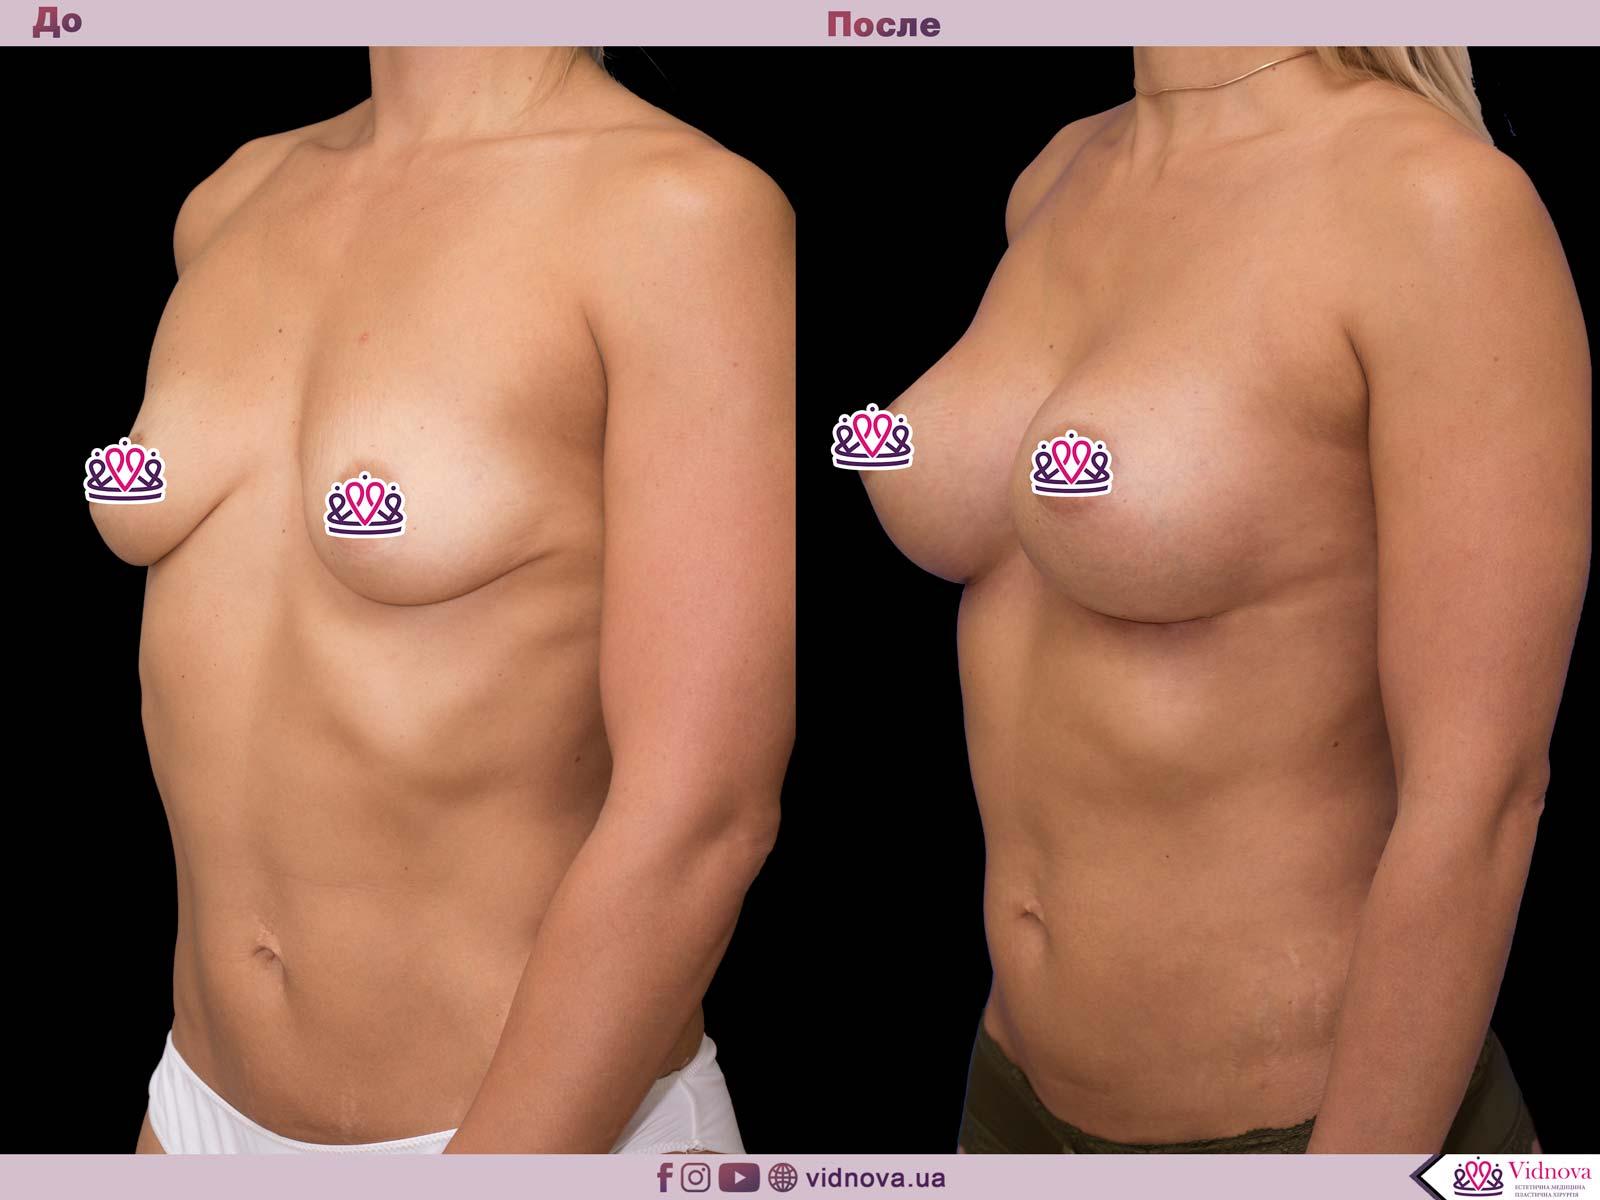 Пластика груди: результаты до и после - Пример №64-1 - Светлана Работенко